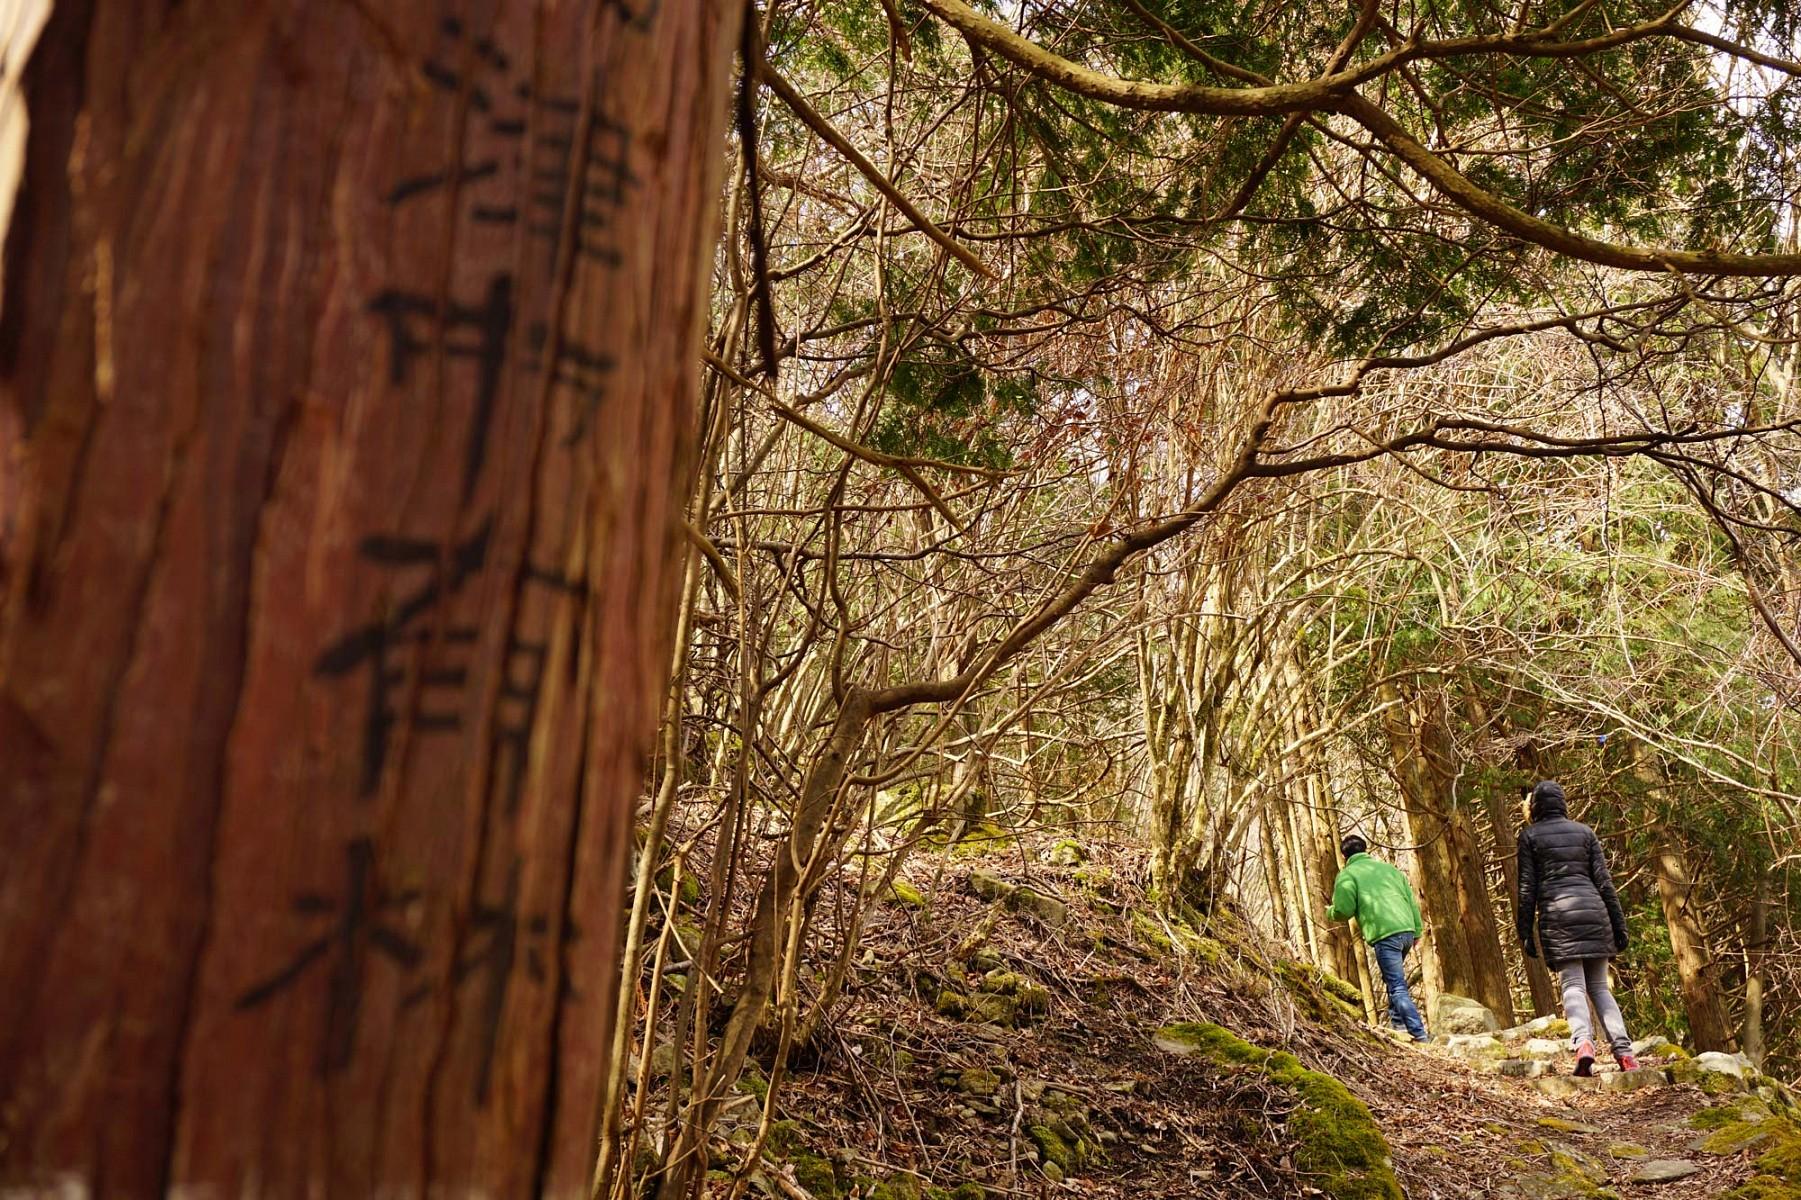 pspan-stylecolornullBeim-Shinrin-Yoku-dem-39Bad-im-Wald39-spielt-das-langsame-bewusste-Gehen-im-Wald-eine-zentrale-Rollespanp